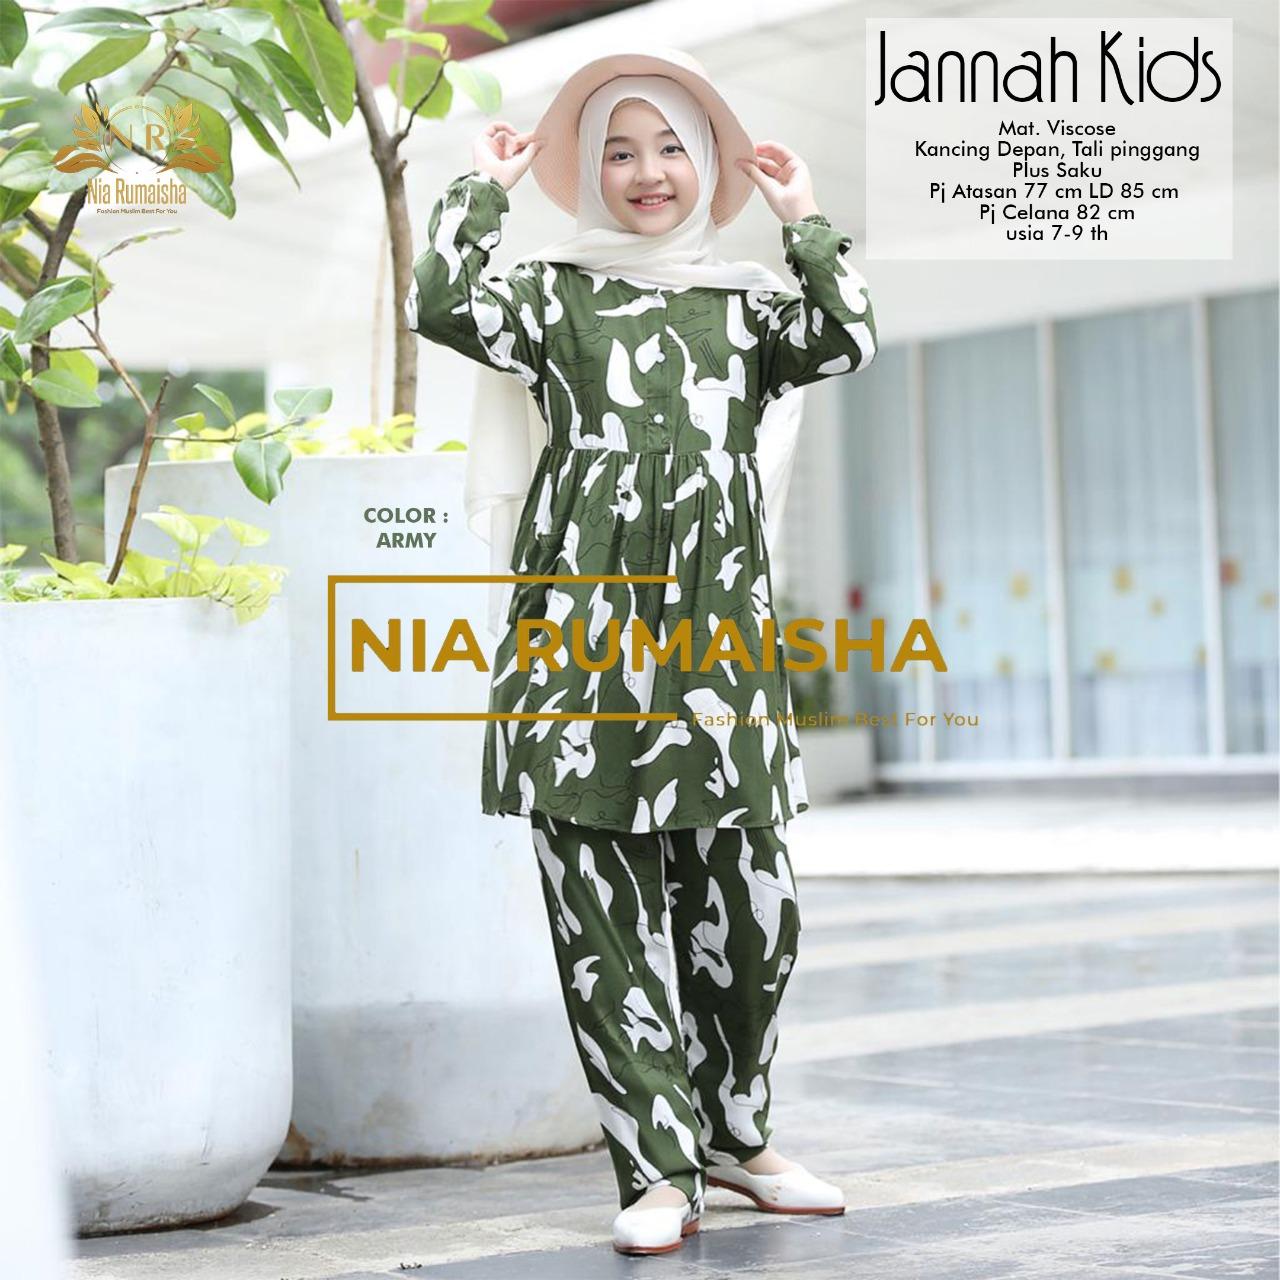 4e0c3cc5-9c41-4148-8bc3-21b3450c0014 JANNAH KIDS BY NIA RUMAISHA